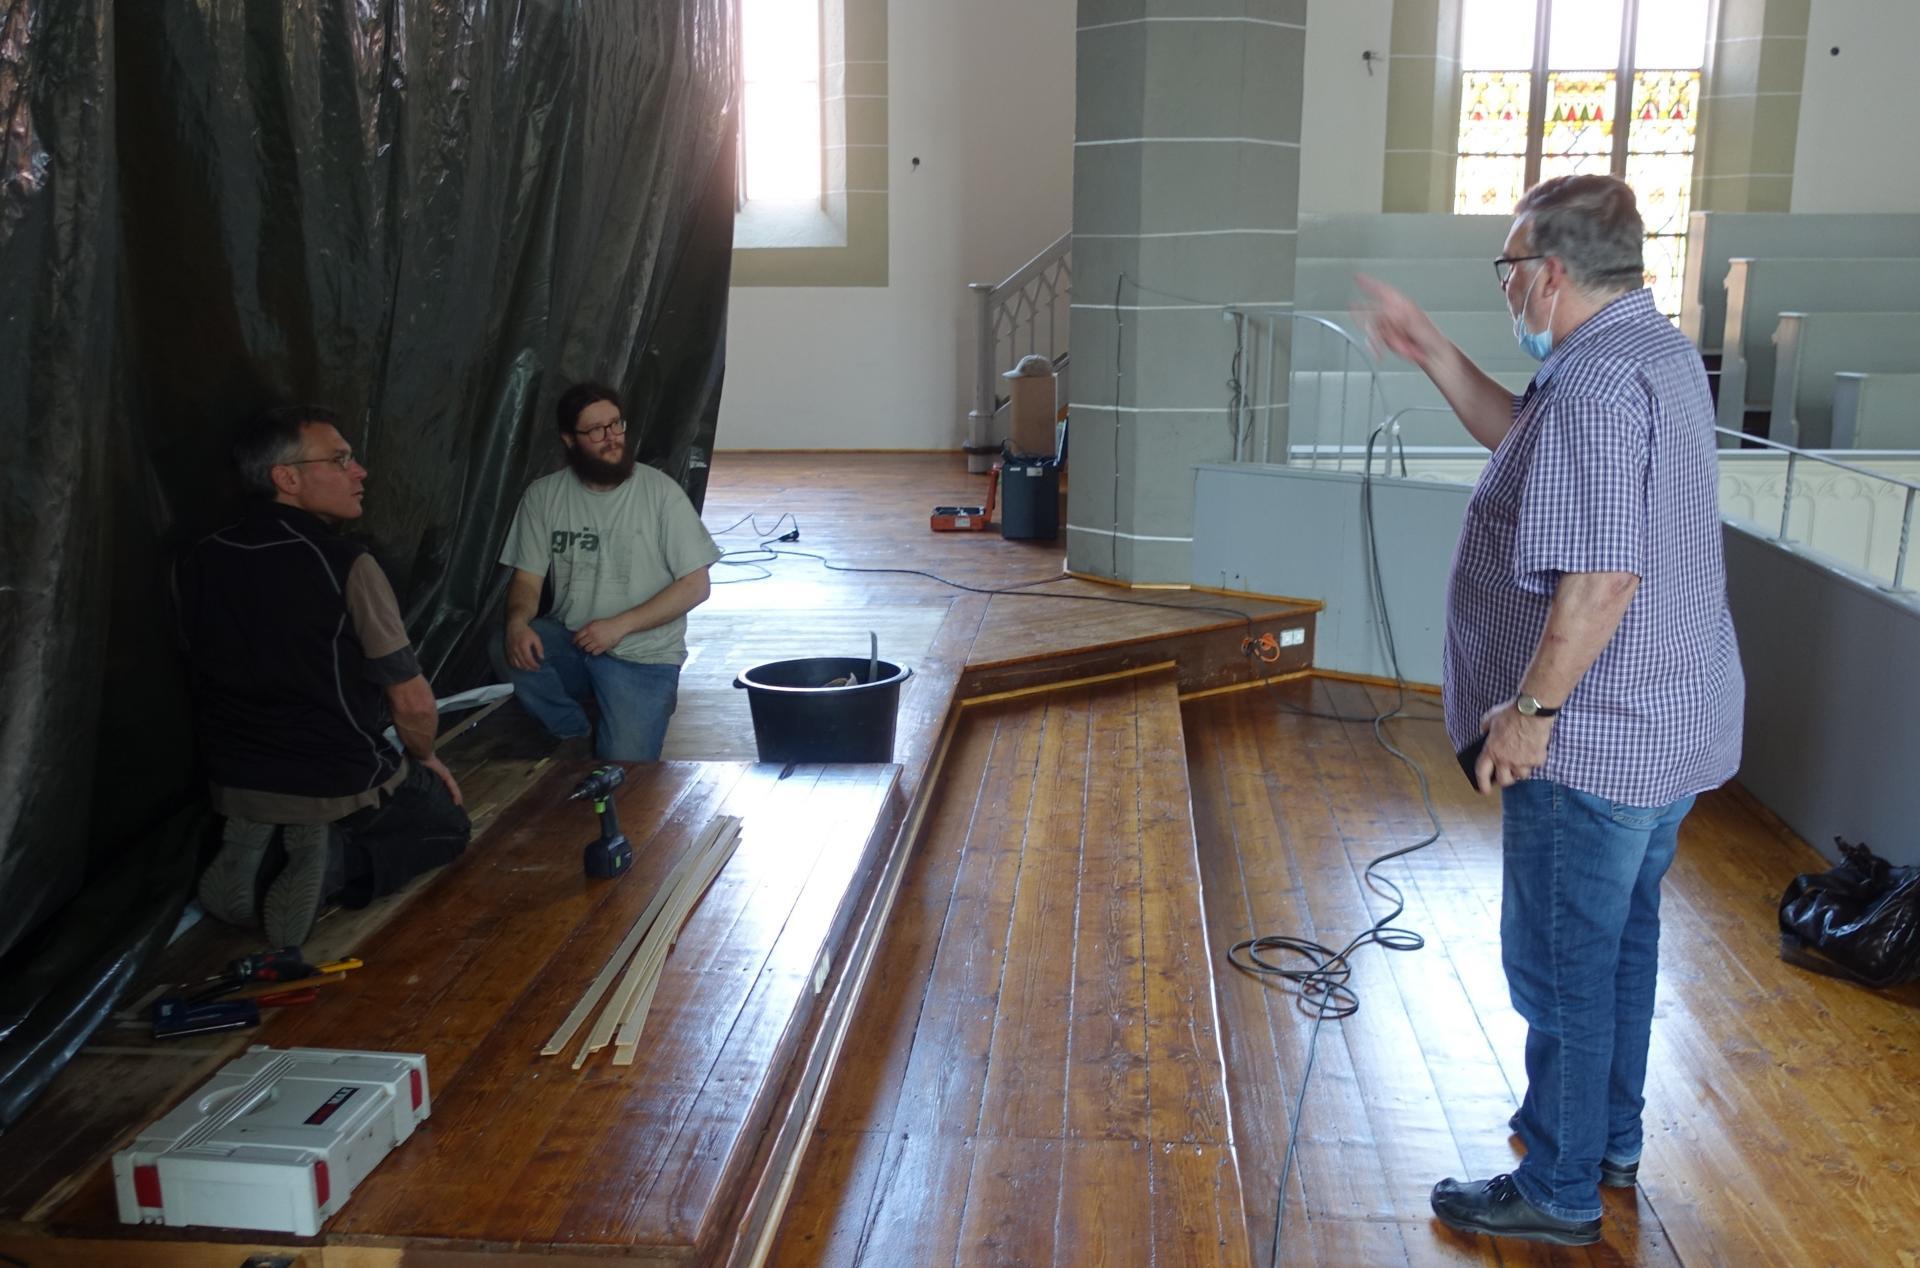 Frank Wagner, der uns als Architekt der Landeskirche großartig betreut, steht auf der neu lackierten Orgelempore- der erhobene Arm zeigt auf die Folie der Orgel und galt nicht als Mahnung an die Mitarbeiter der Orgelbauerfirma Bente